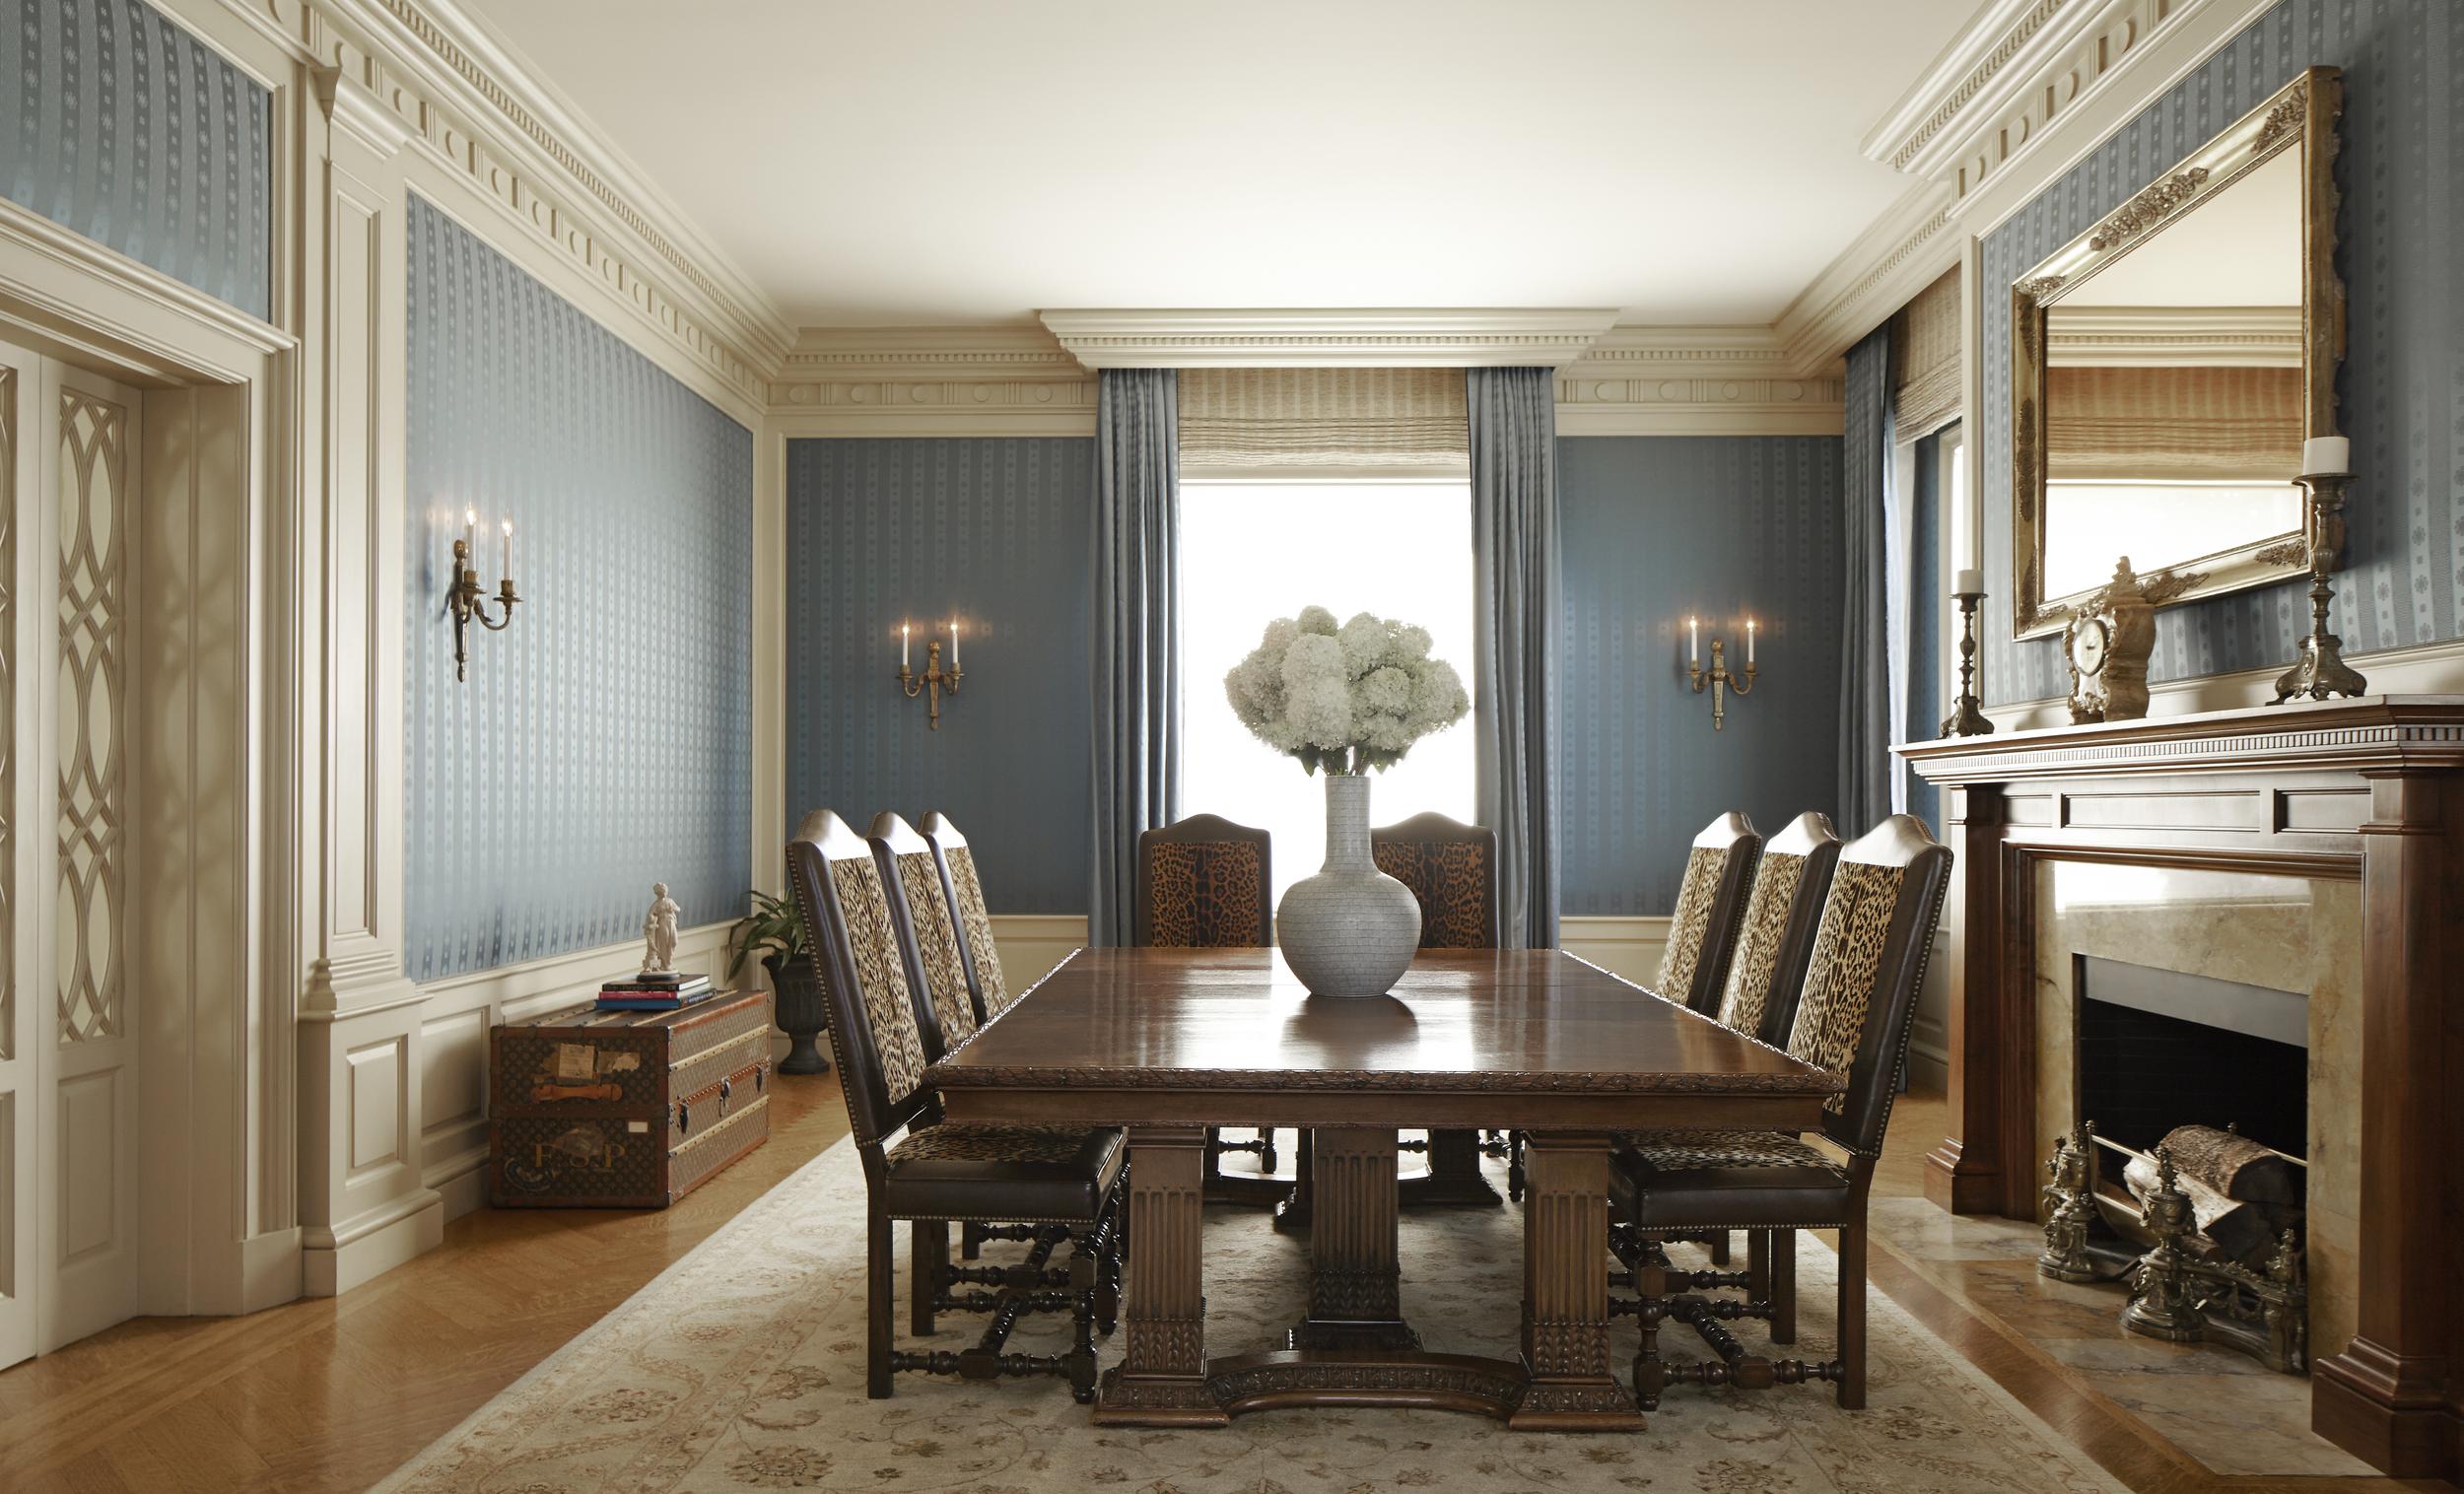 Josef_Scott_House_Living_Room 63x.jpg